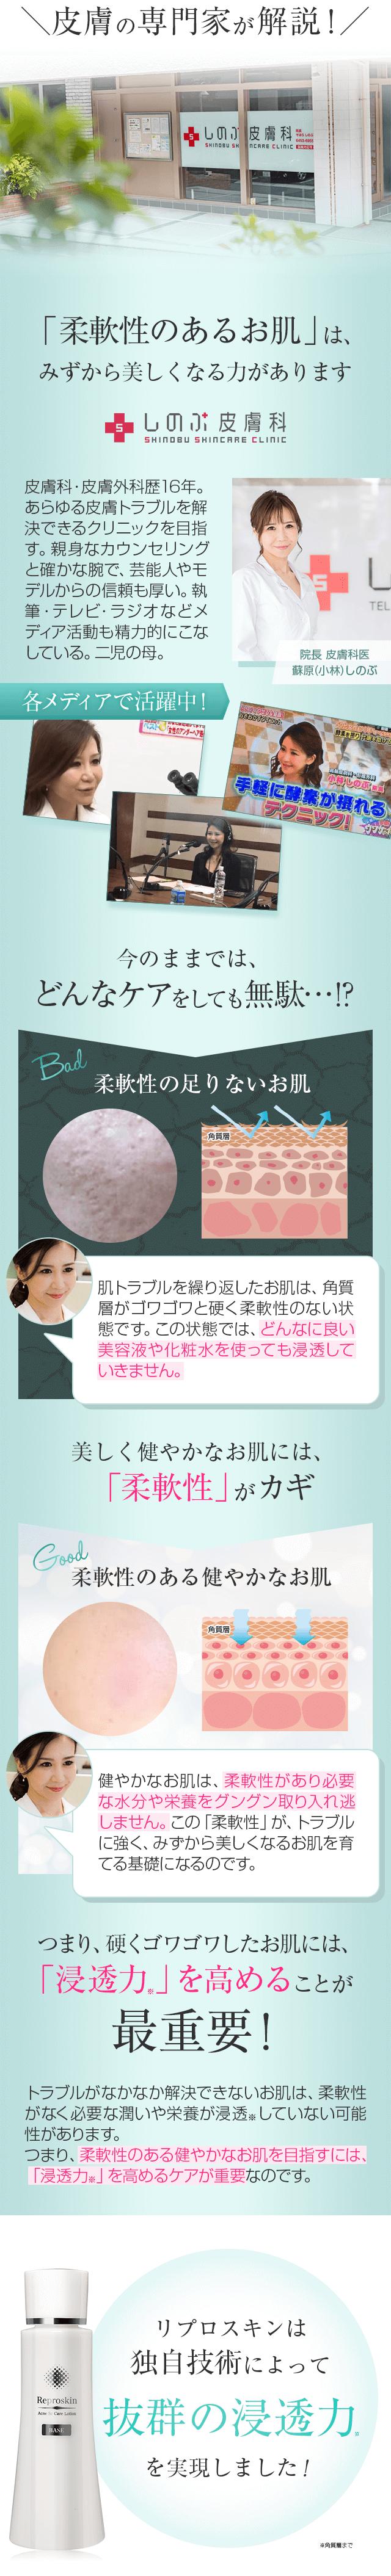 皮膚の専門家が解説